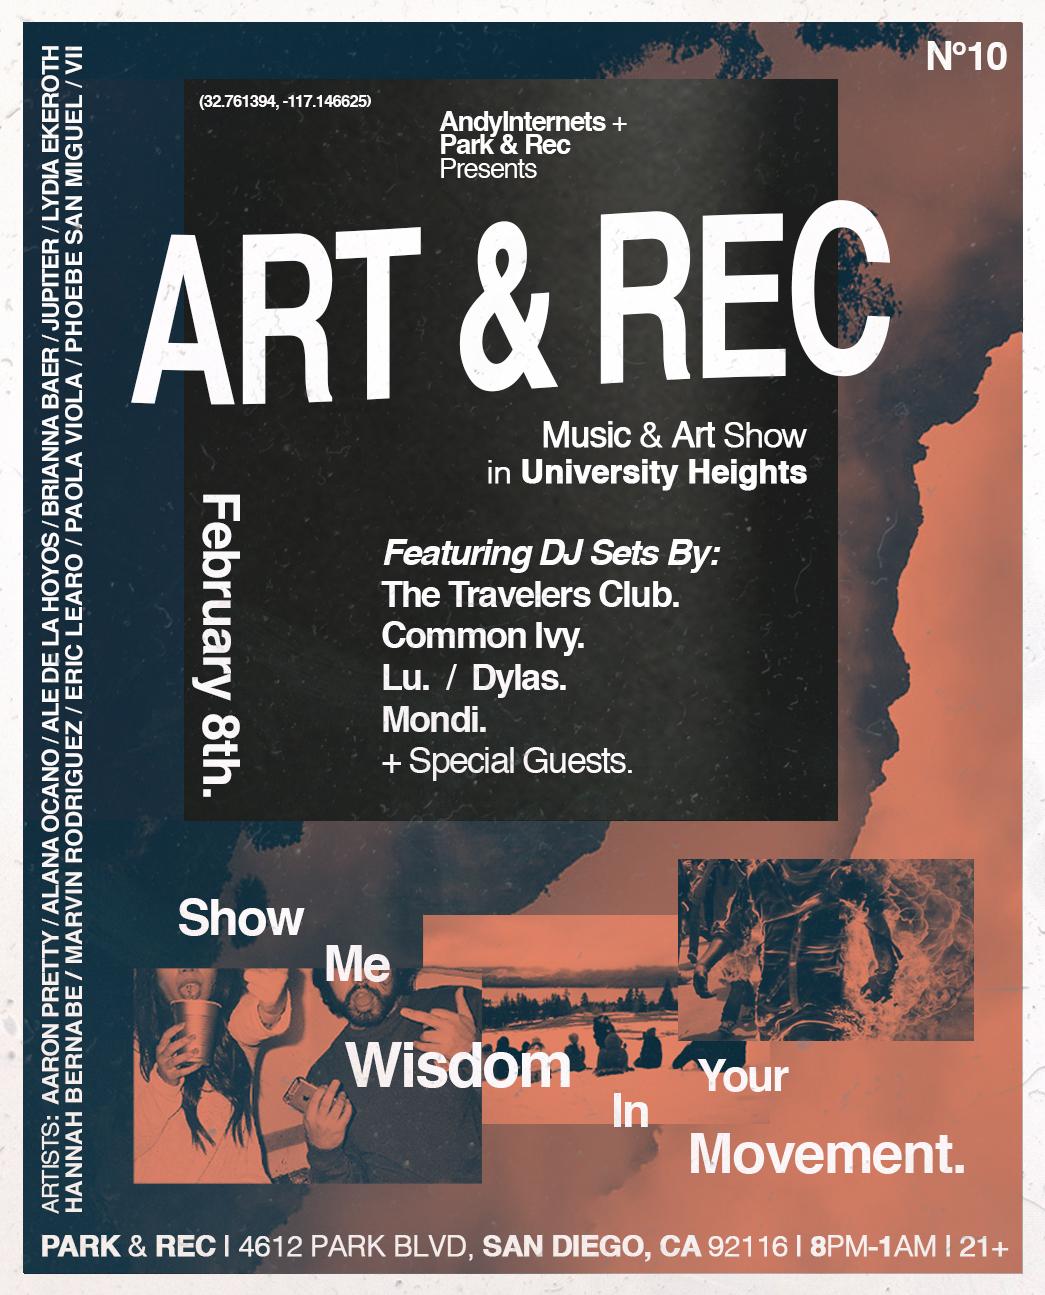 Art & Rec - February (Added).JPG